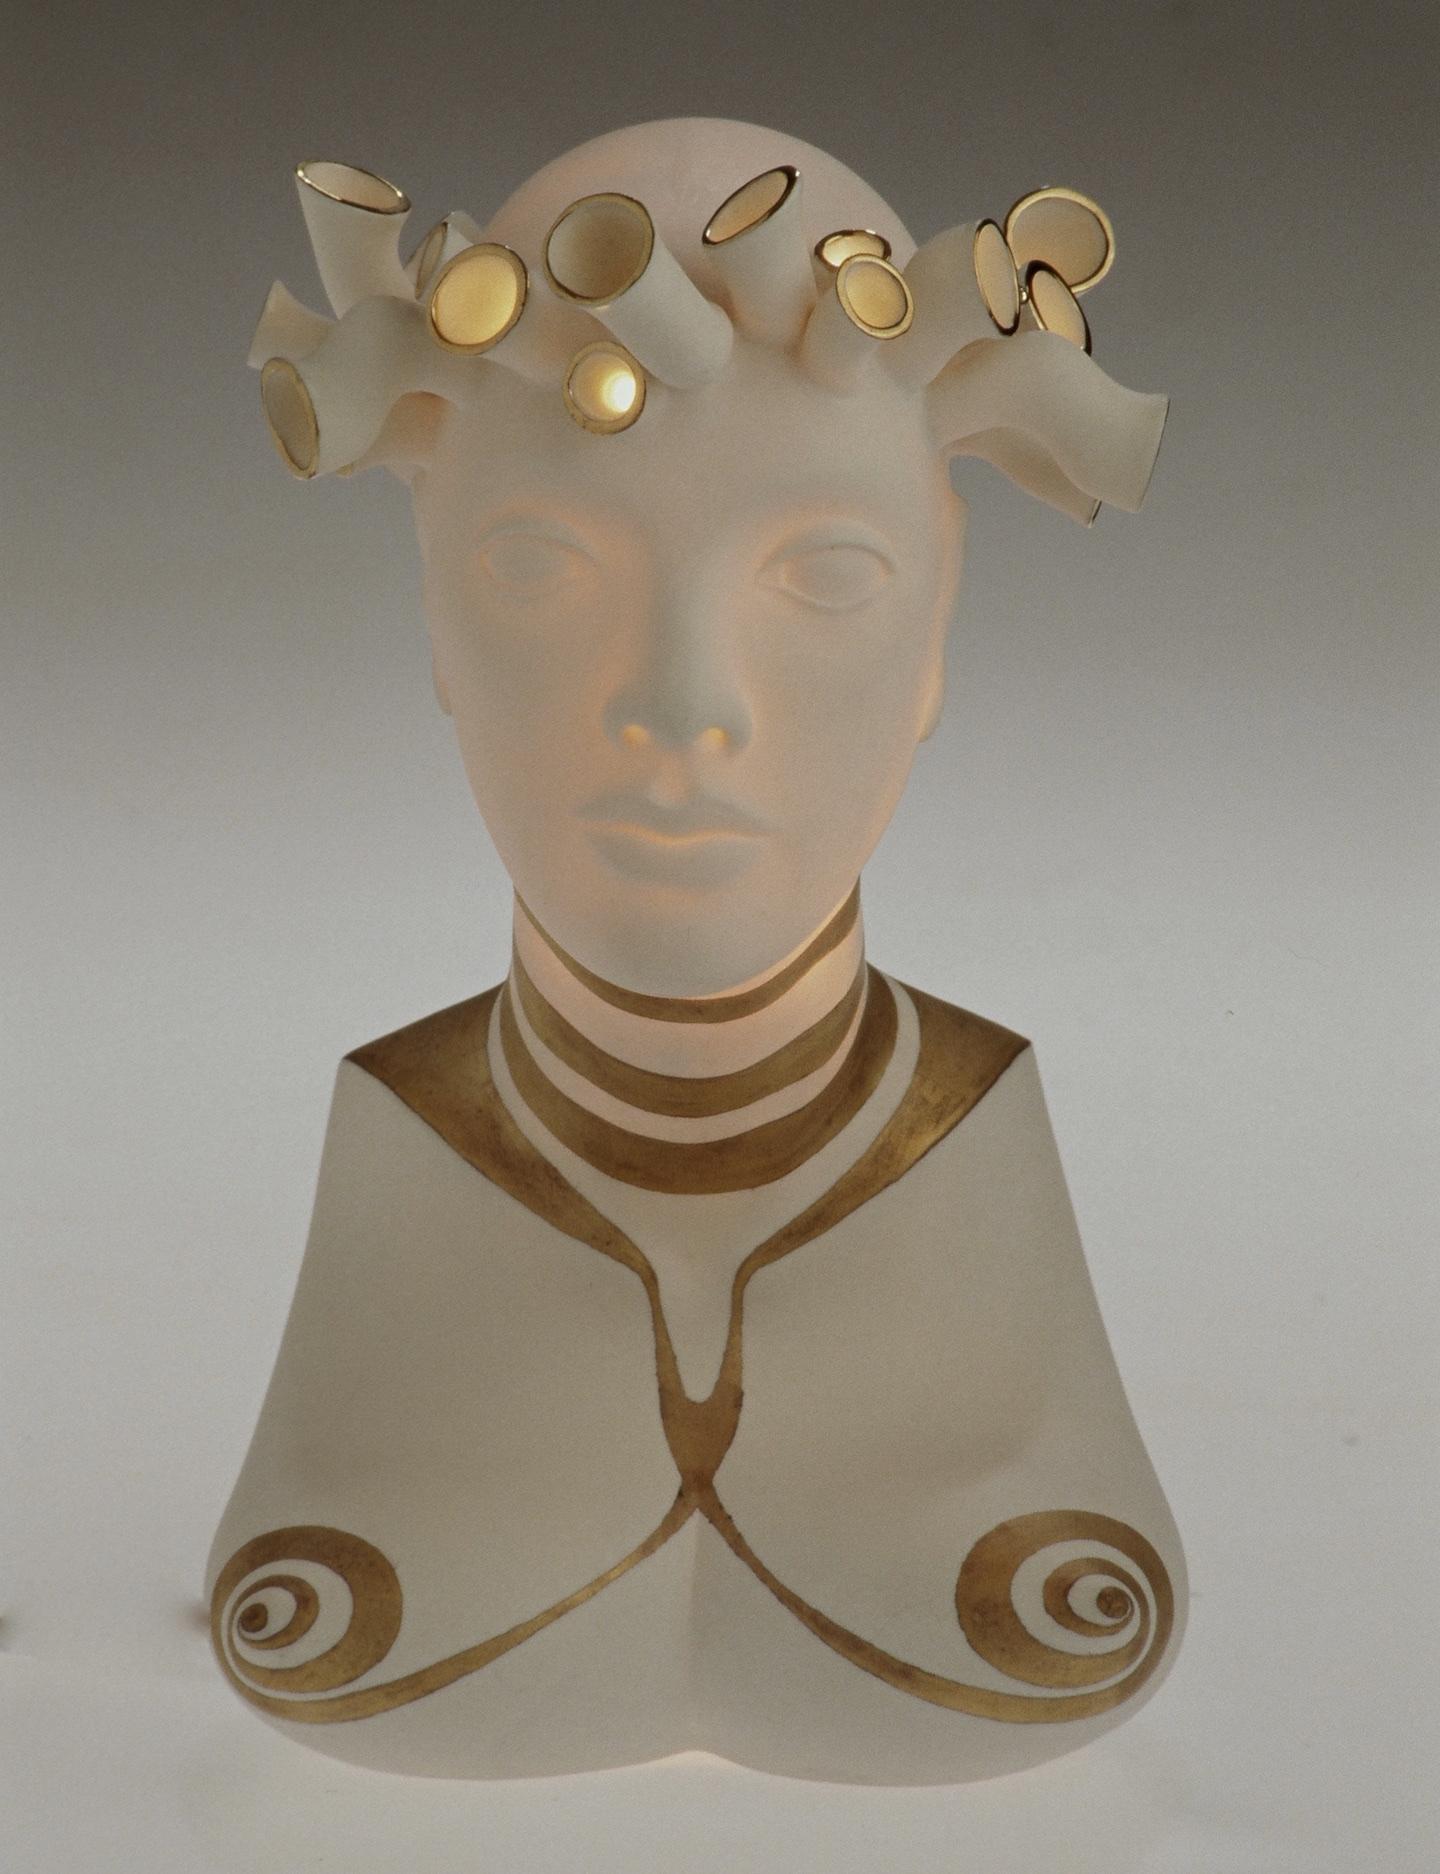 040. Beautiful (lamp) (2002)